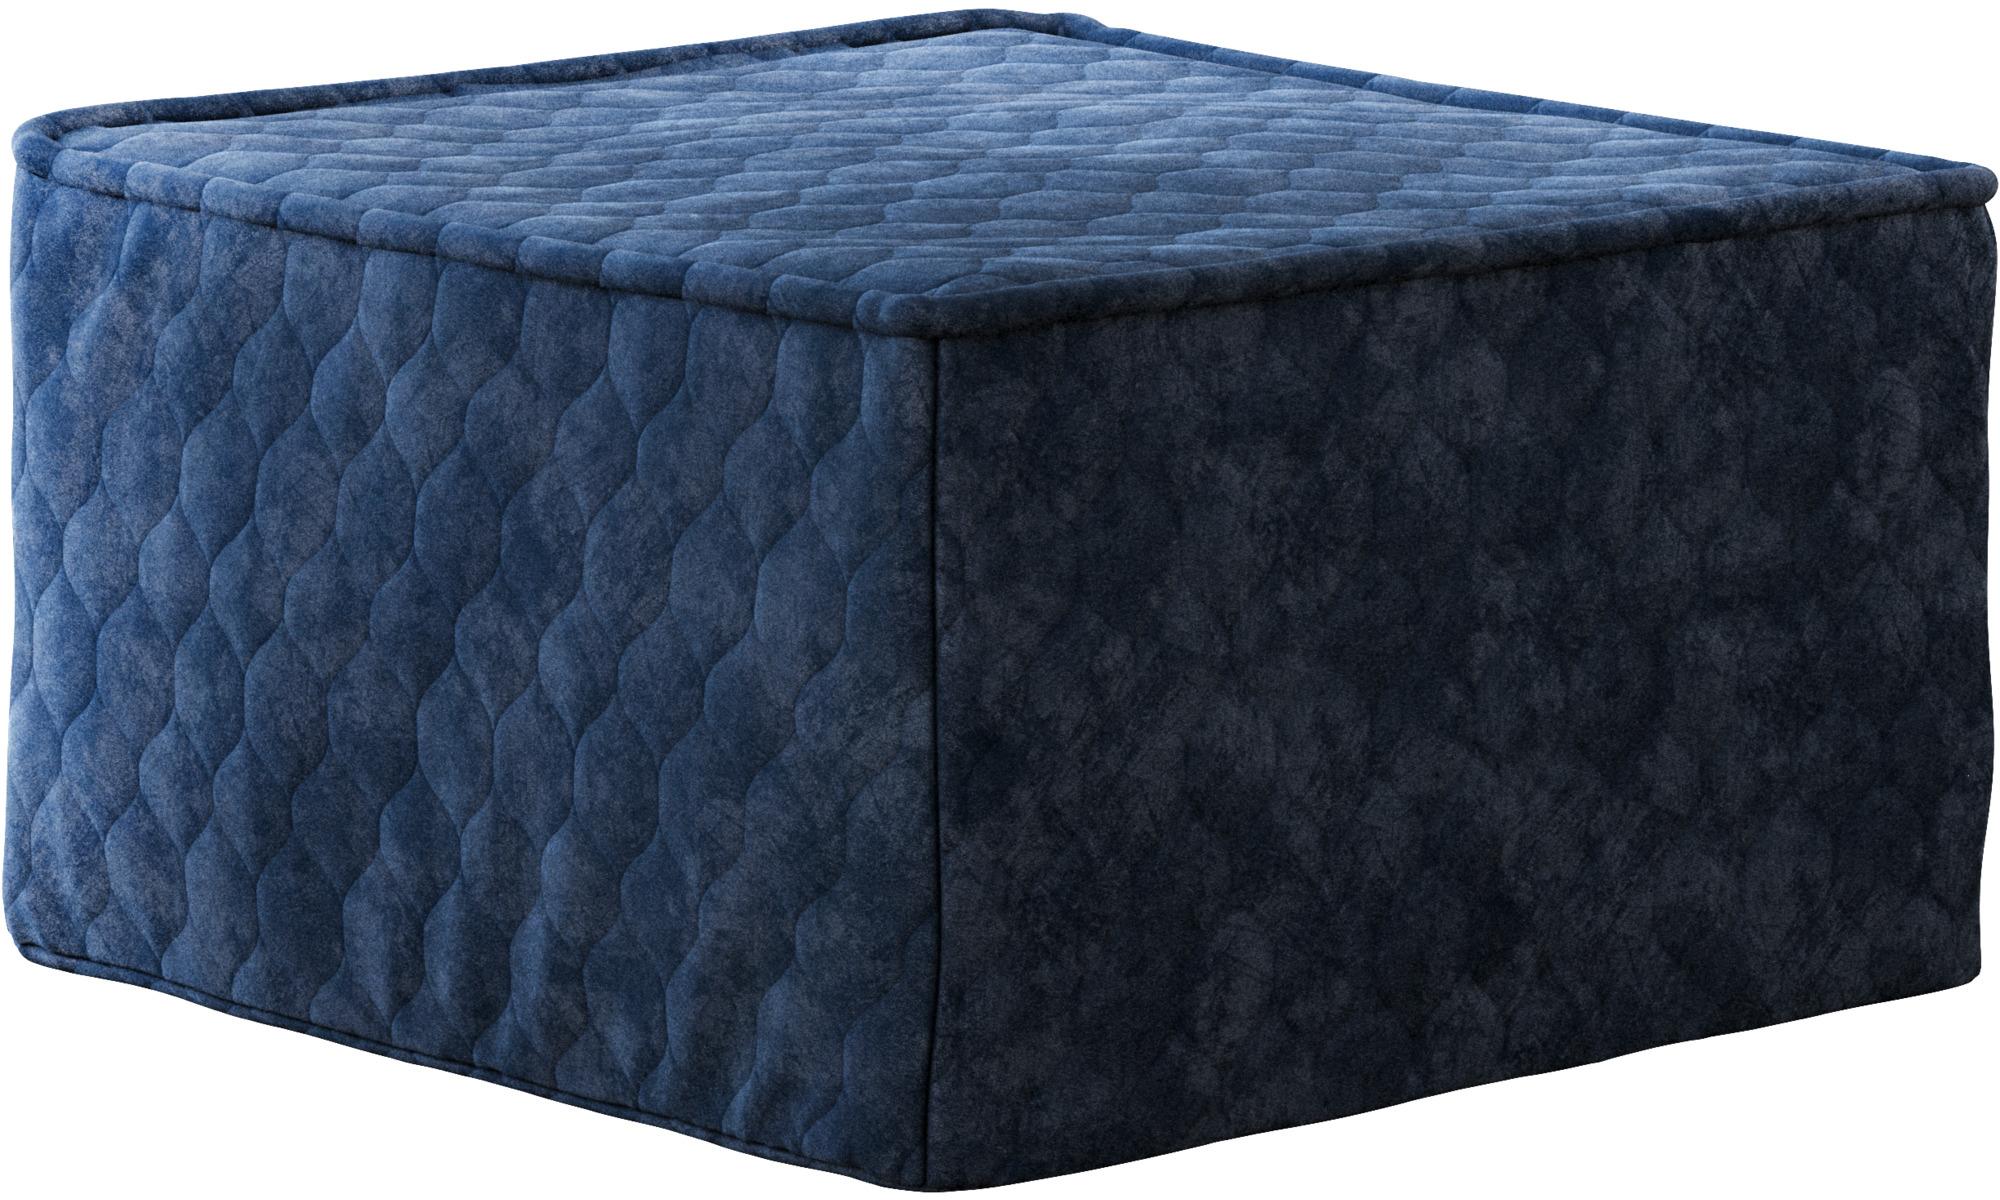 Sofy rozkładane - Puf Xtra z funkcją spania - Niebieski - Tkanina